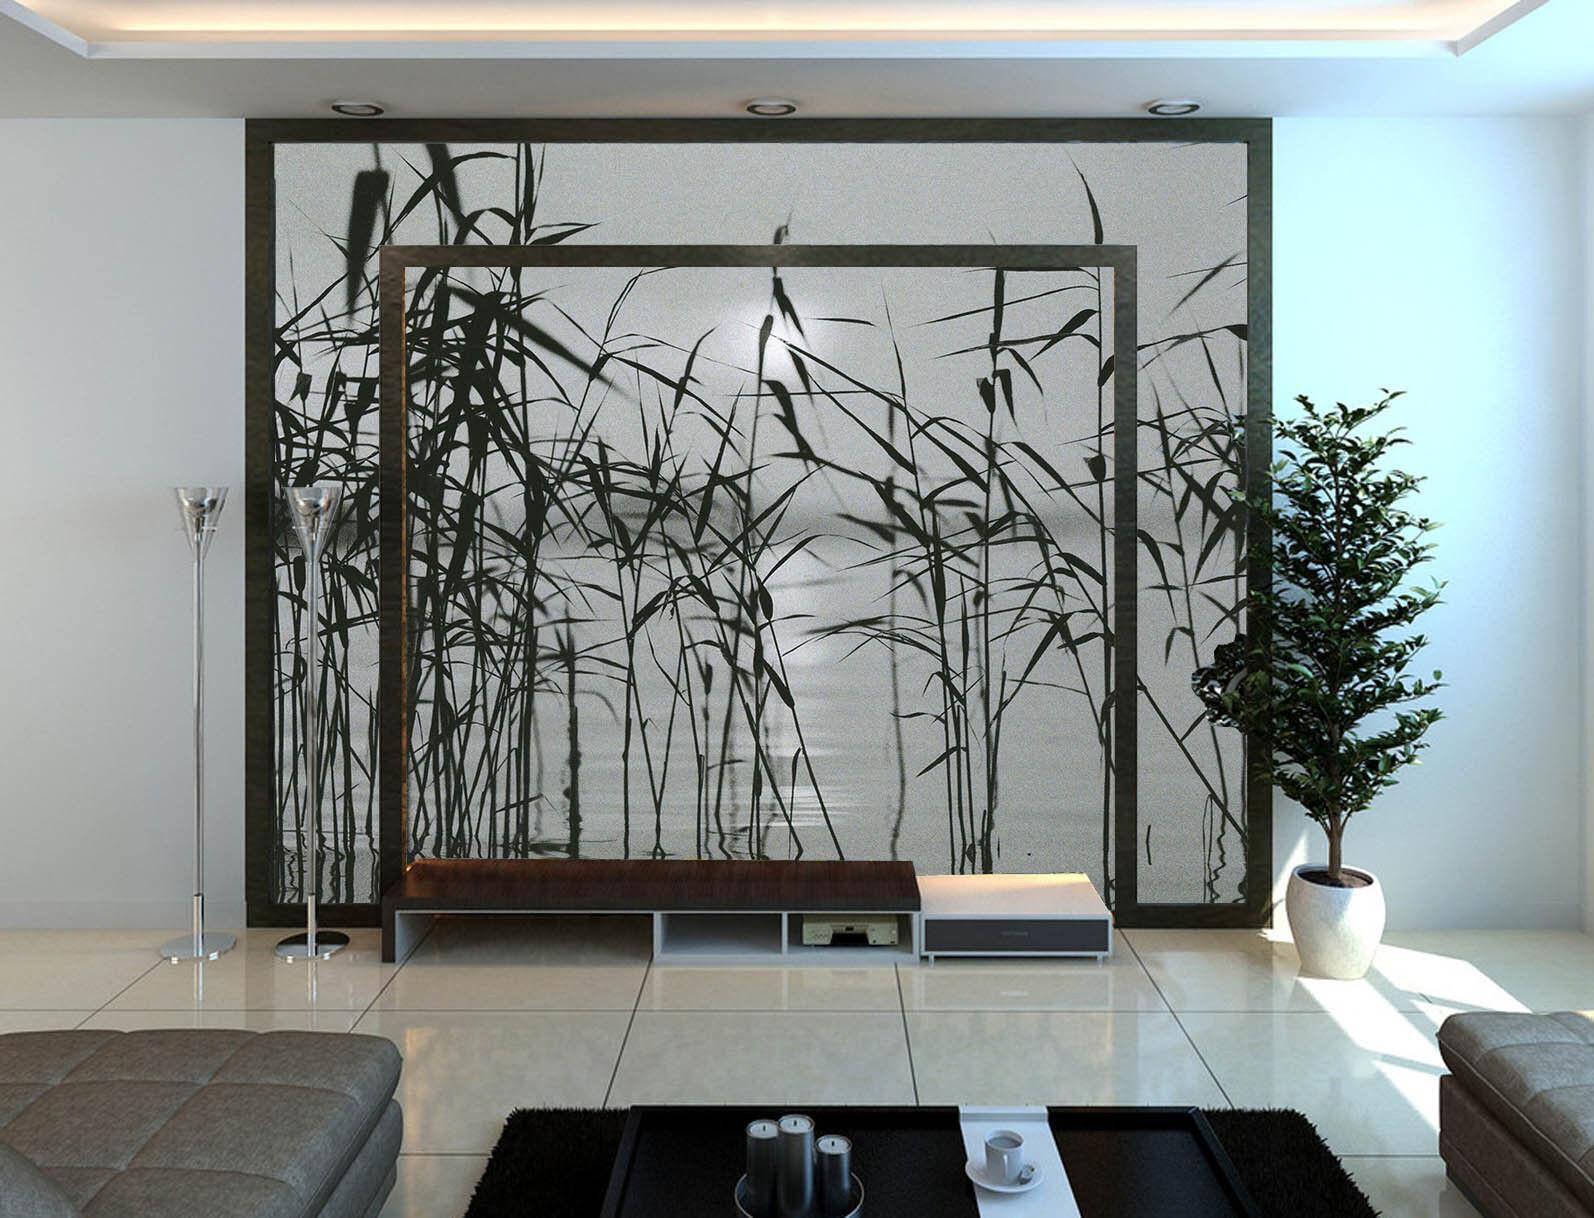 3D Reed See 865 Tapete Wandgemälde Tapete Tapeten Bild Familie DE Summer | Nutzen Sie Materialien voll aus  | Starker Wert  | Moderate Kosten